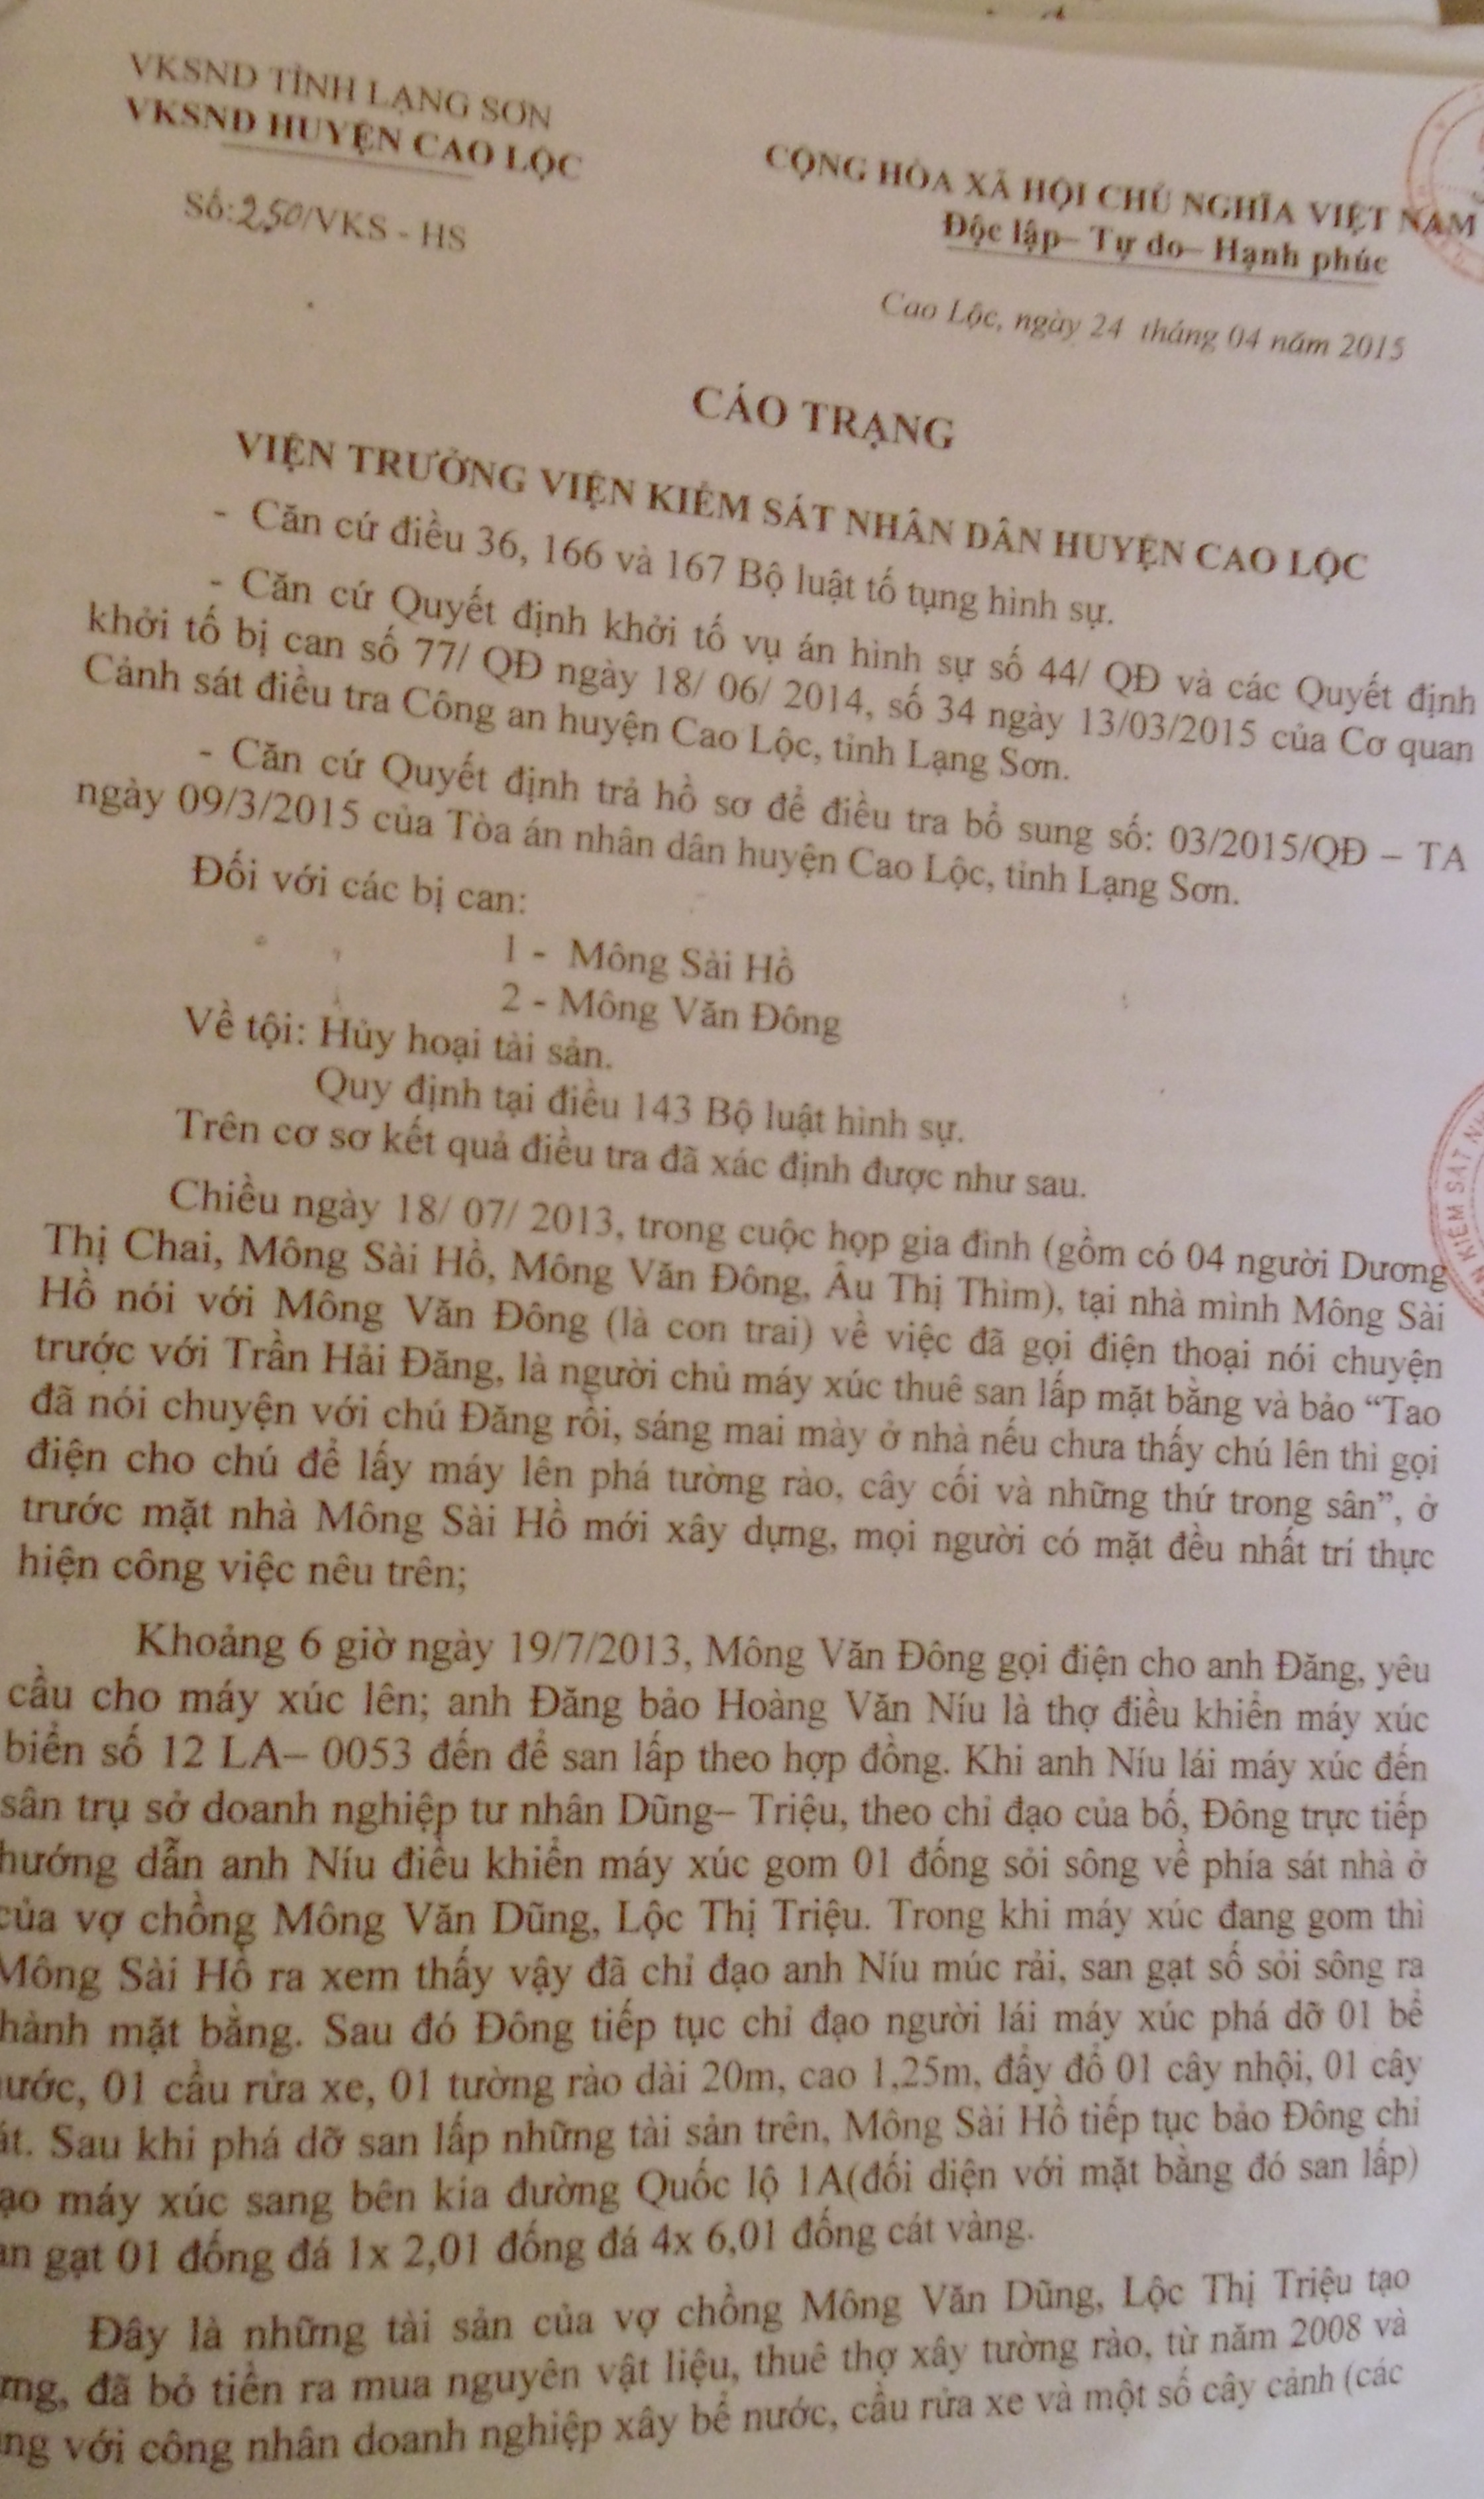 Cáo trạng truy tố 2 bộ con bị can Mông Sài Hồ của VKSND huyện Cao Lộc.